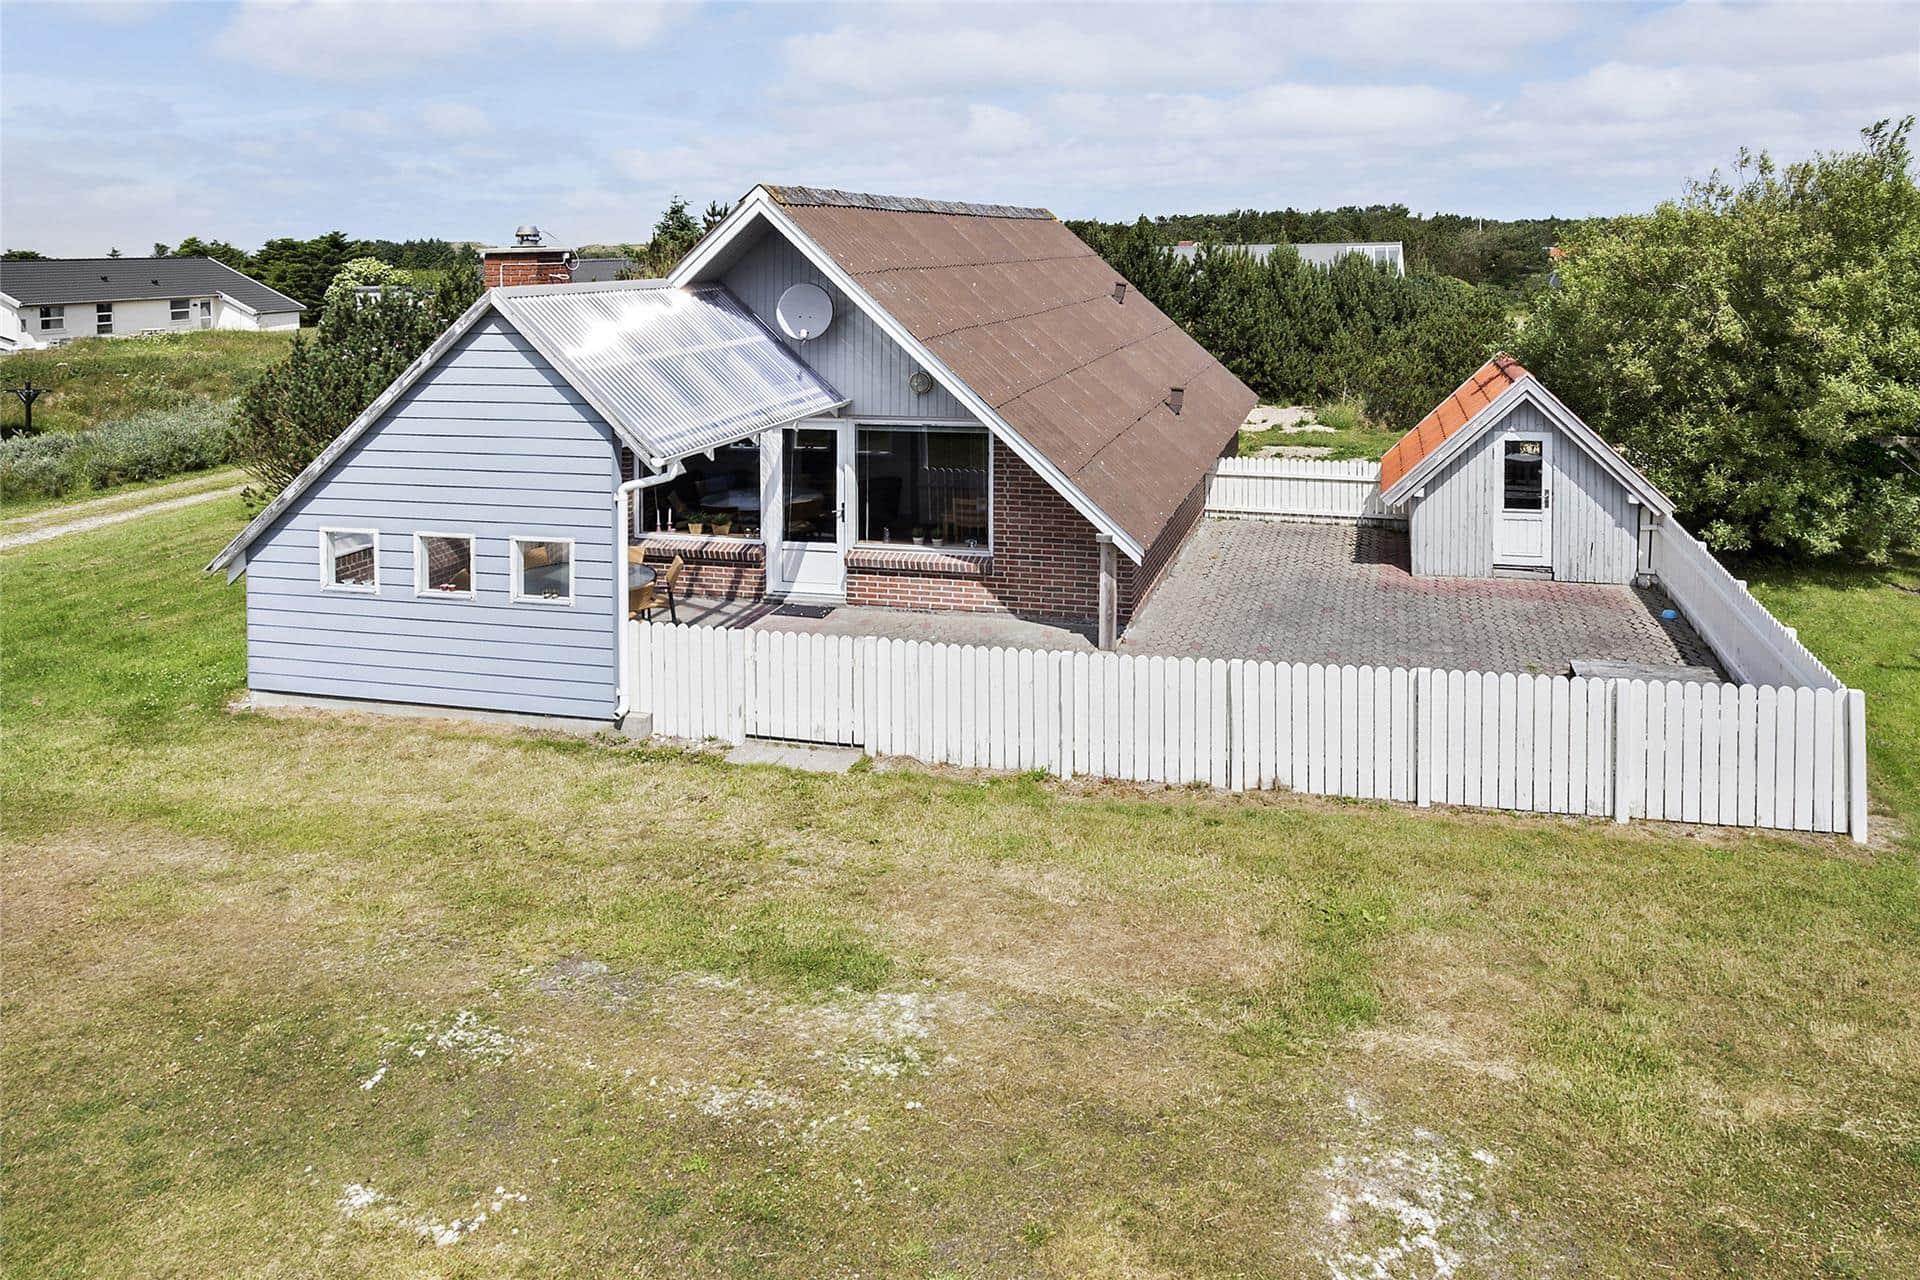 Billede 1-13 Sommerhus 716, Kristinesvej 34, DK - 7700 Thisted